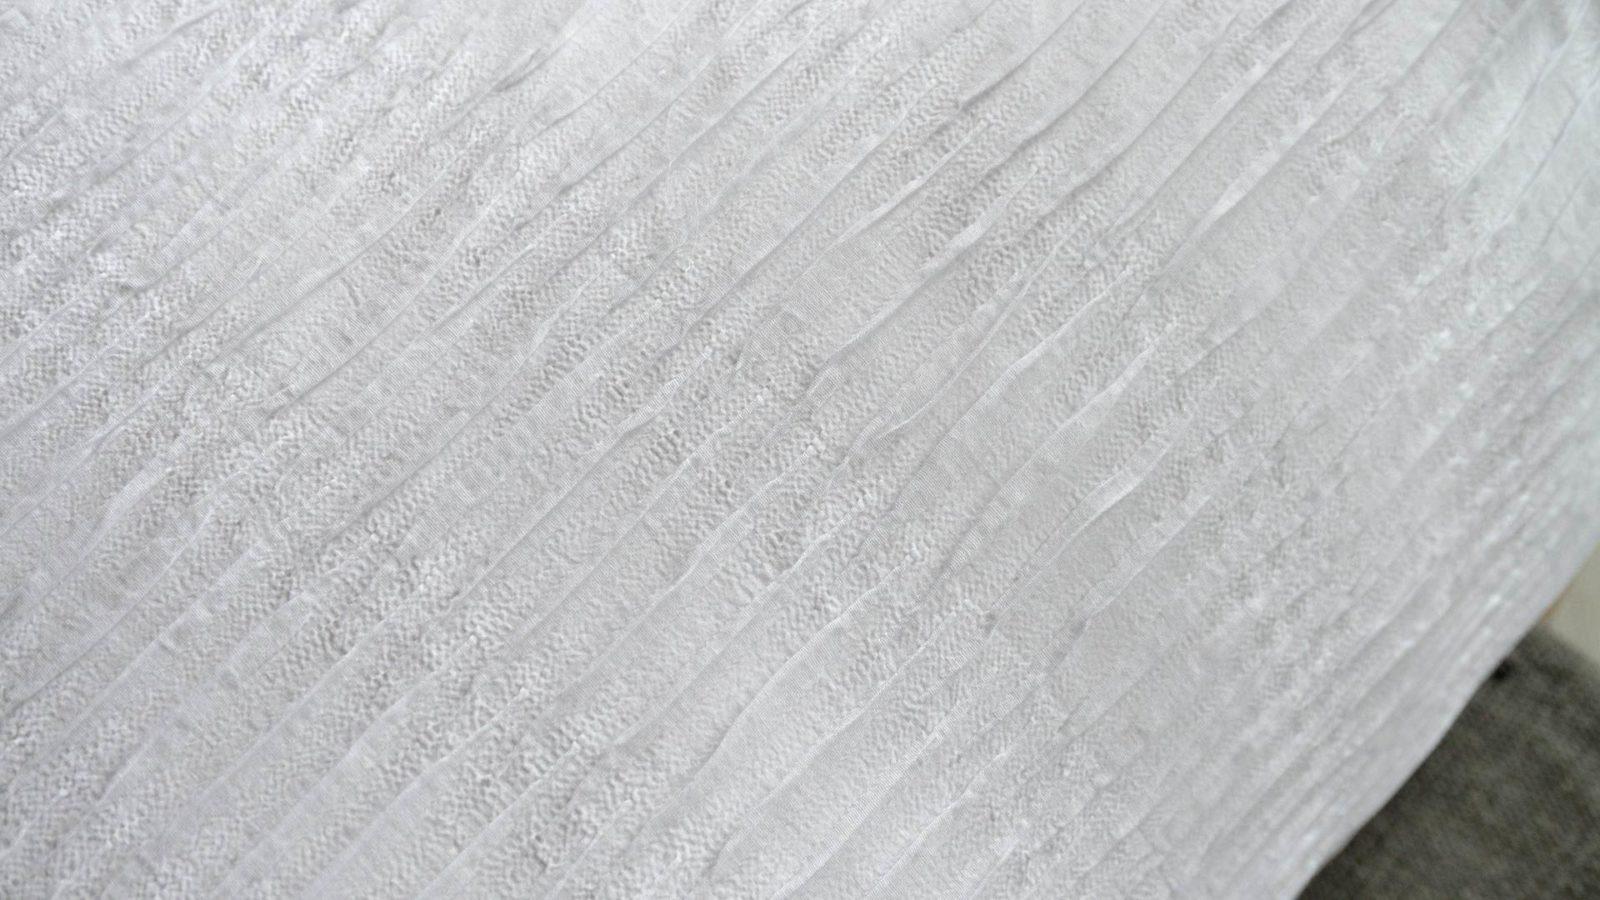 white-textured-duvet-ripple-pattern-detail